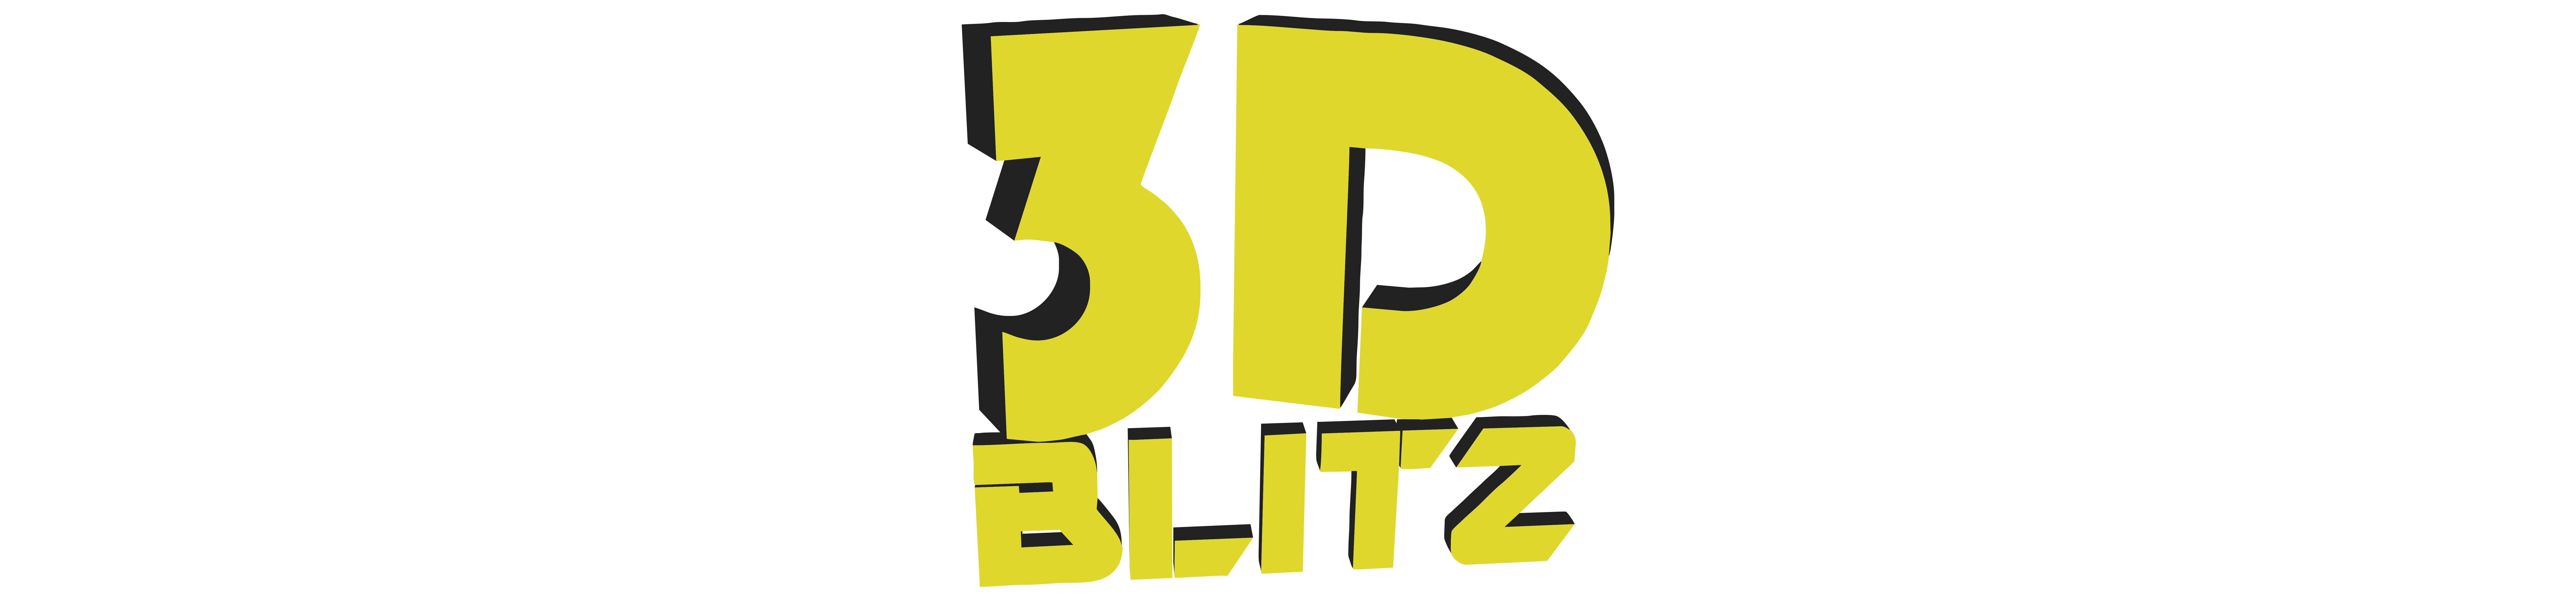 3D BLITZ